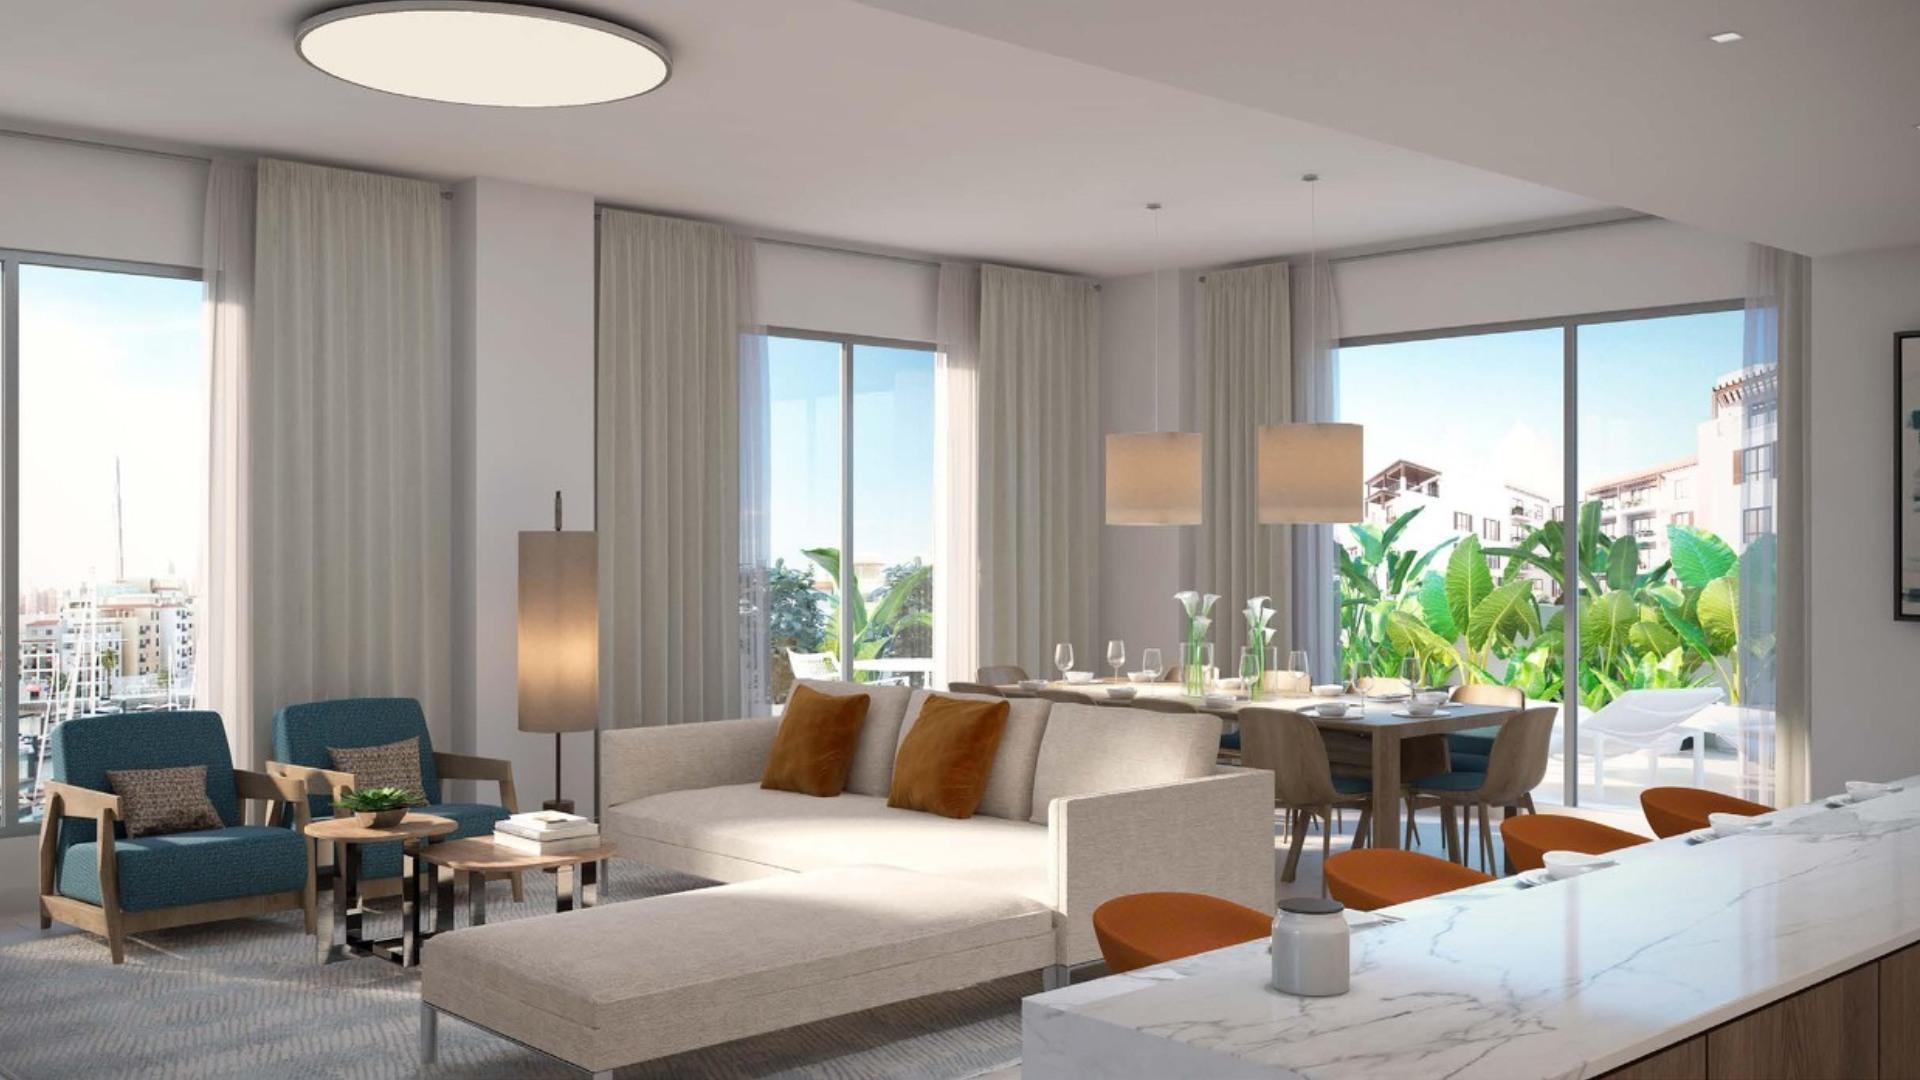 Apartment for sale in Dubai, UAE, 1 bedroom, 68 m2, No. 24285 – photo 1